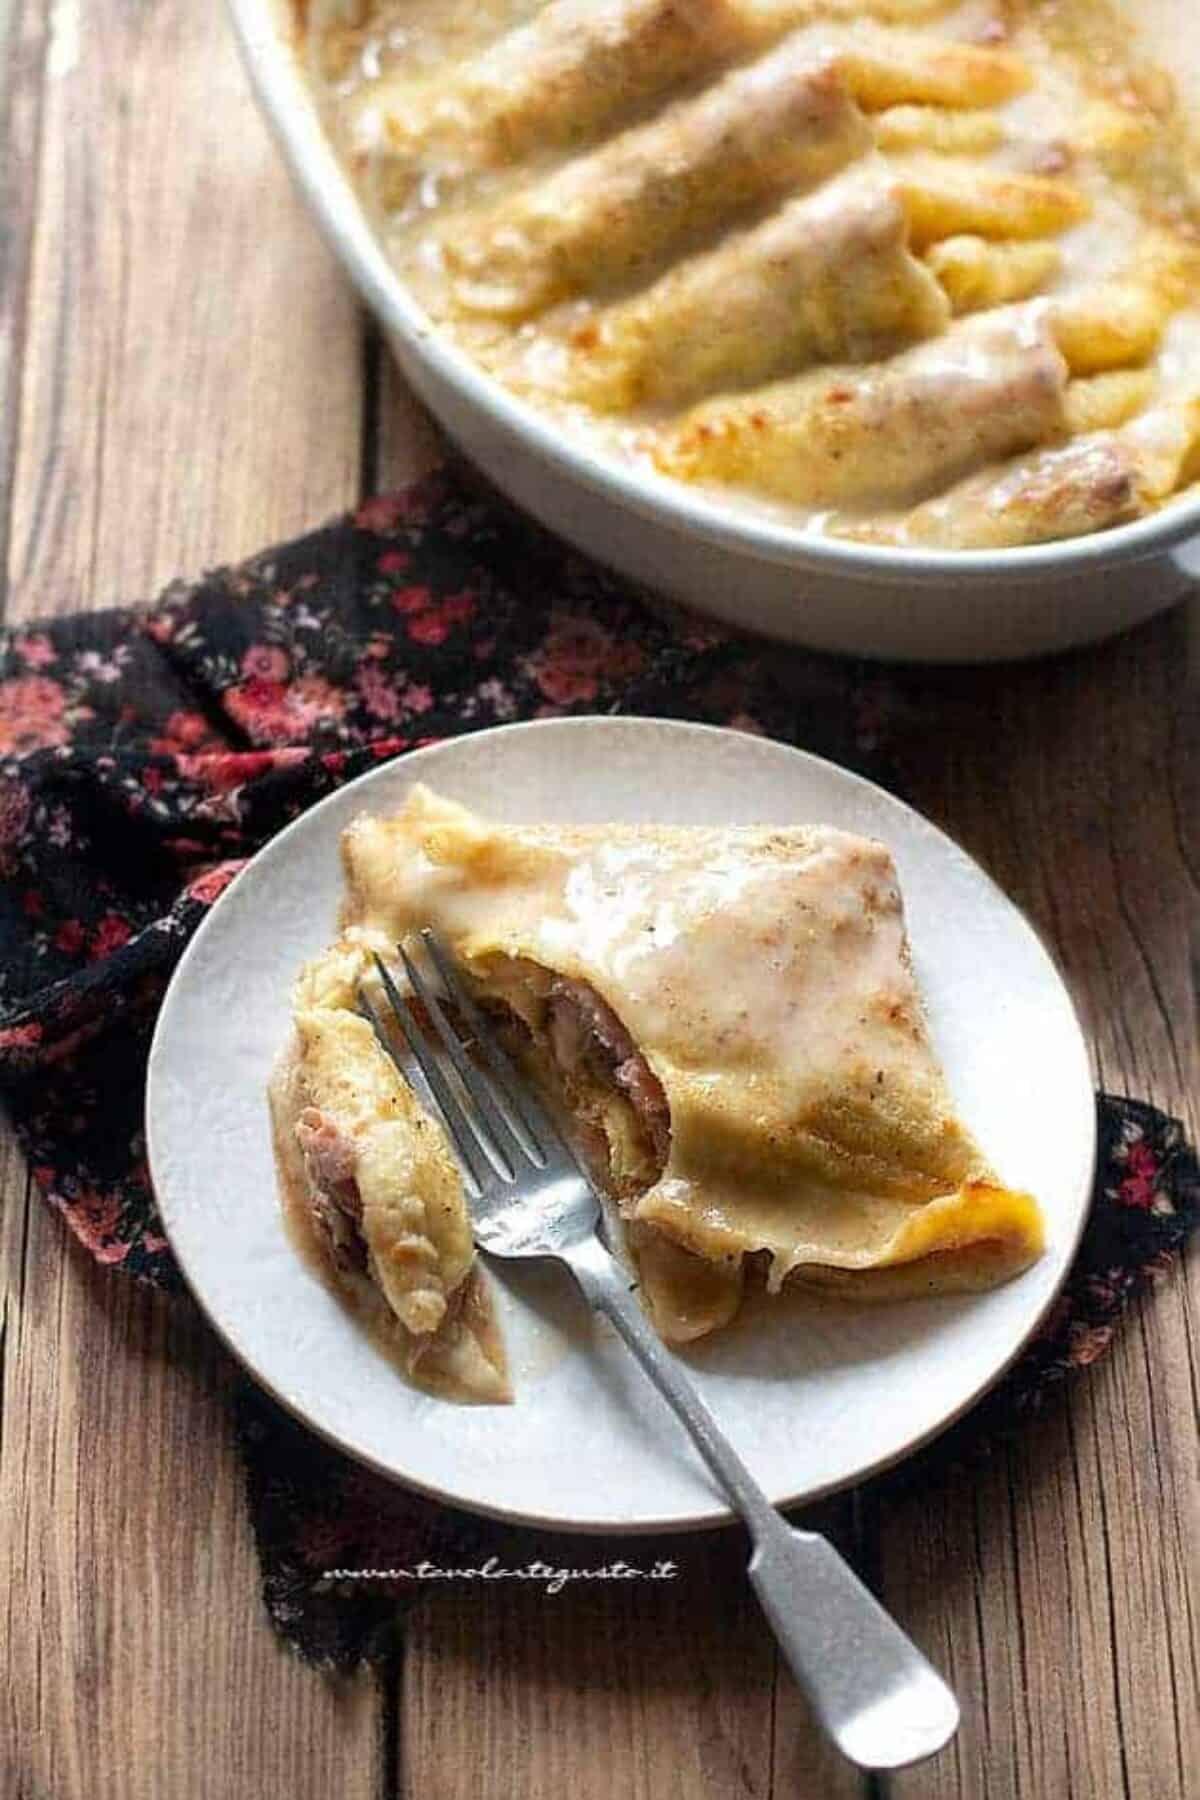 Ricetta Omelette Salate Prosciutto E Formaggio.Crepes Prosciutto E Funghi Ricetta Facilissima E Saporita